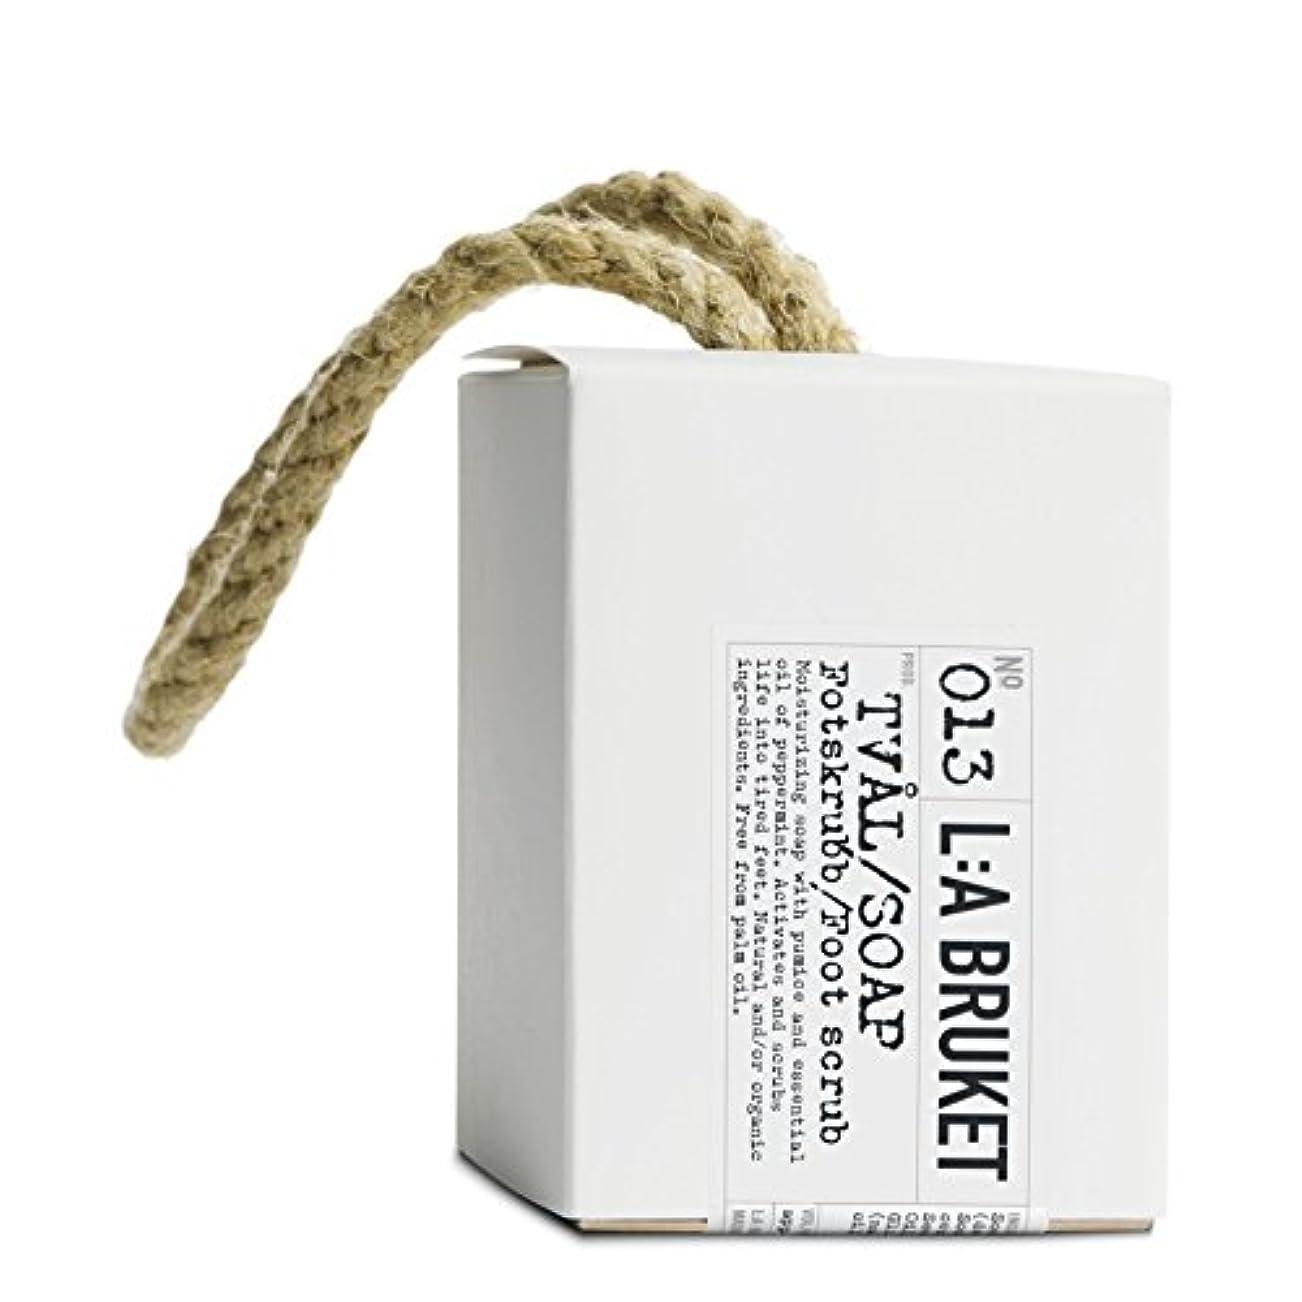 気晴らし純粋に略奪L:A Bruket Foot Scrub Soap on a Roap 240g - :の240グラムのフットスクラブ石鹸 [並行輸入品]